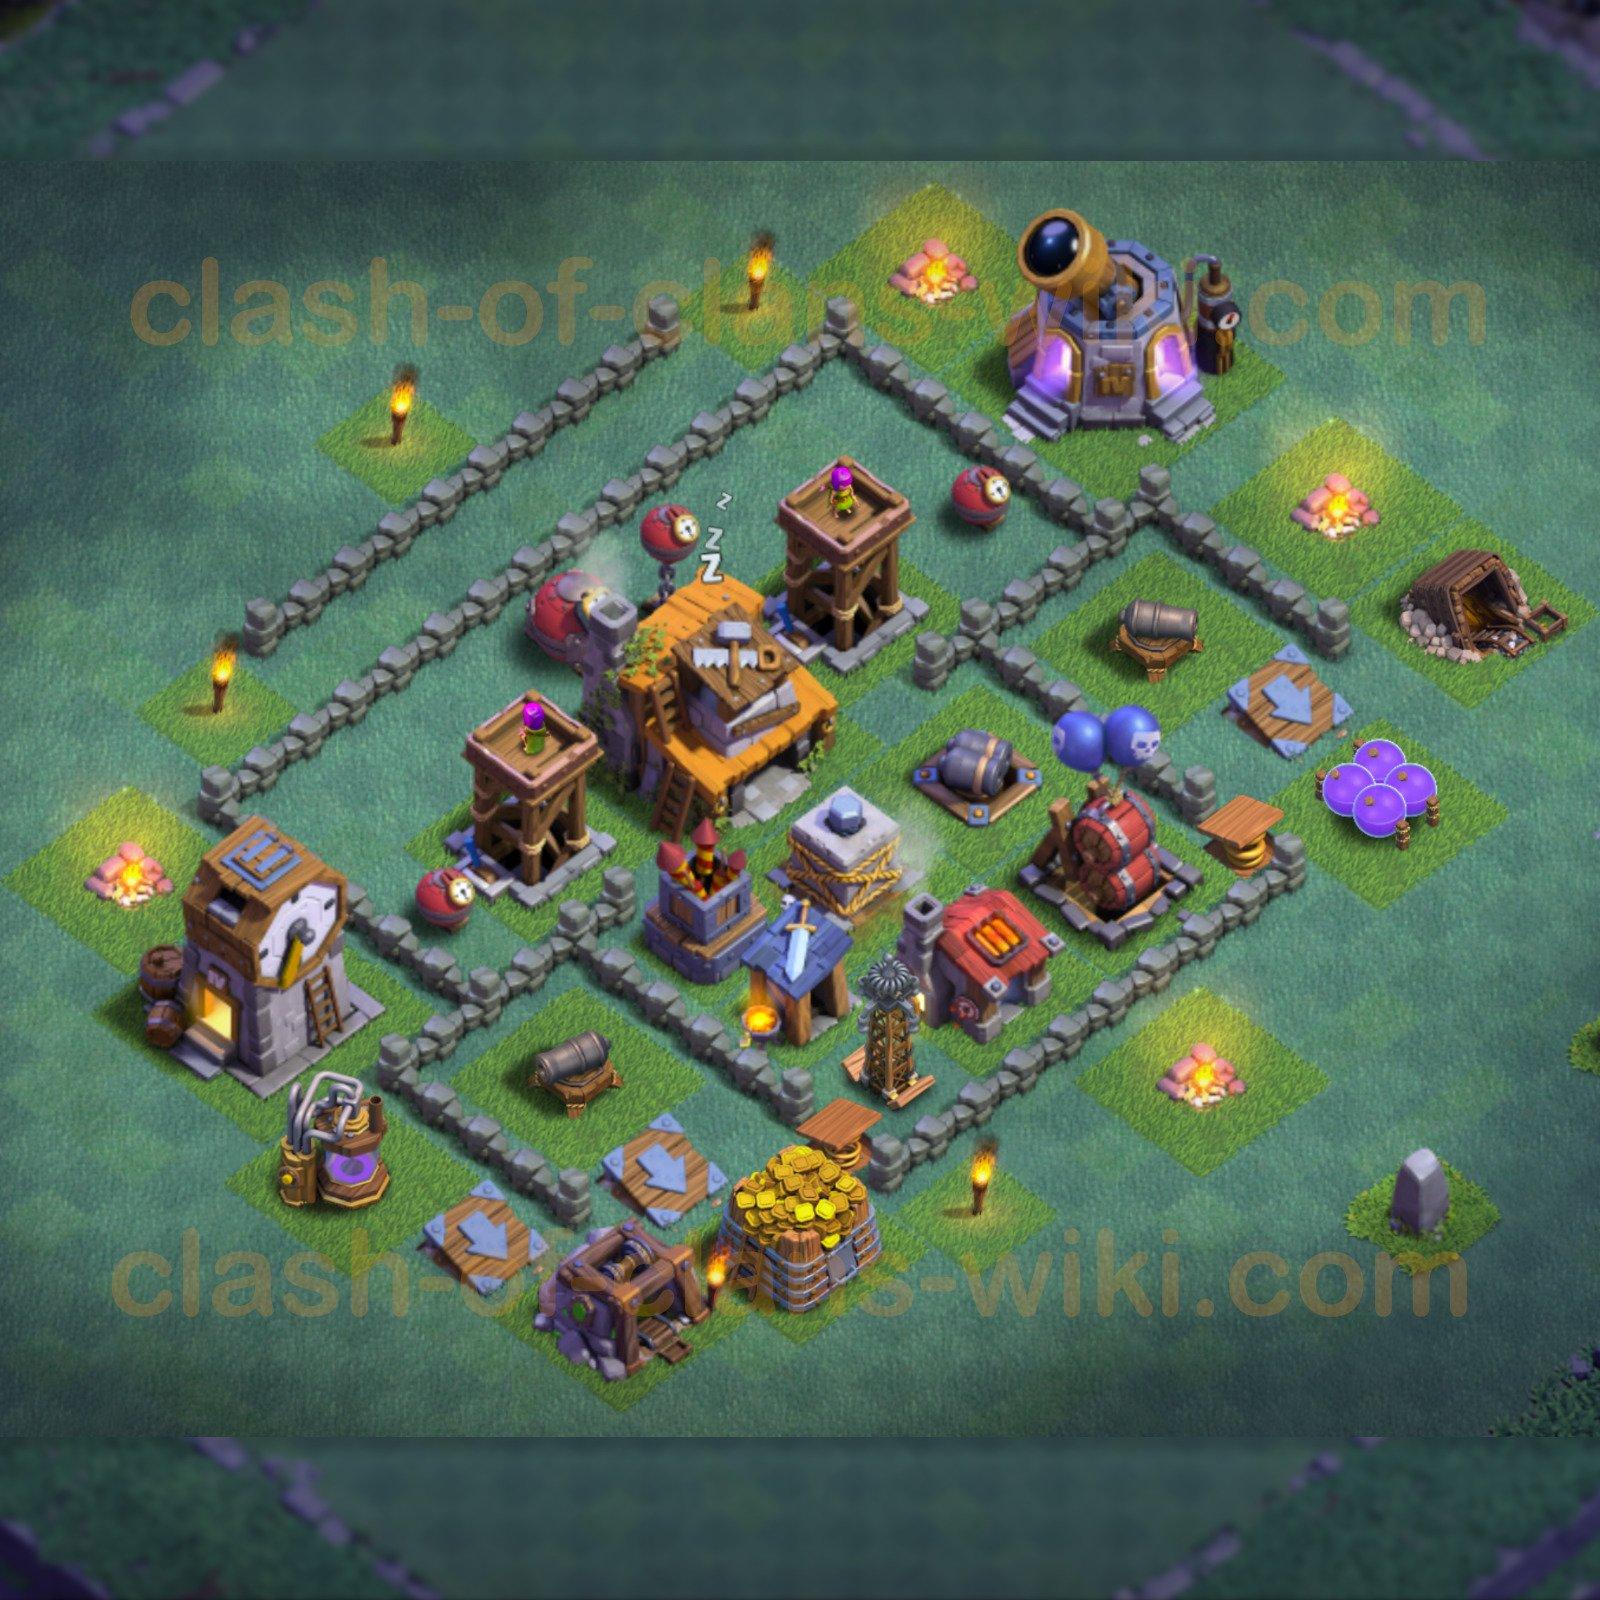 Maison des ouvriers niveau 9 Base - MDO 9 / HDV 9 - Clash of Clans